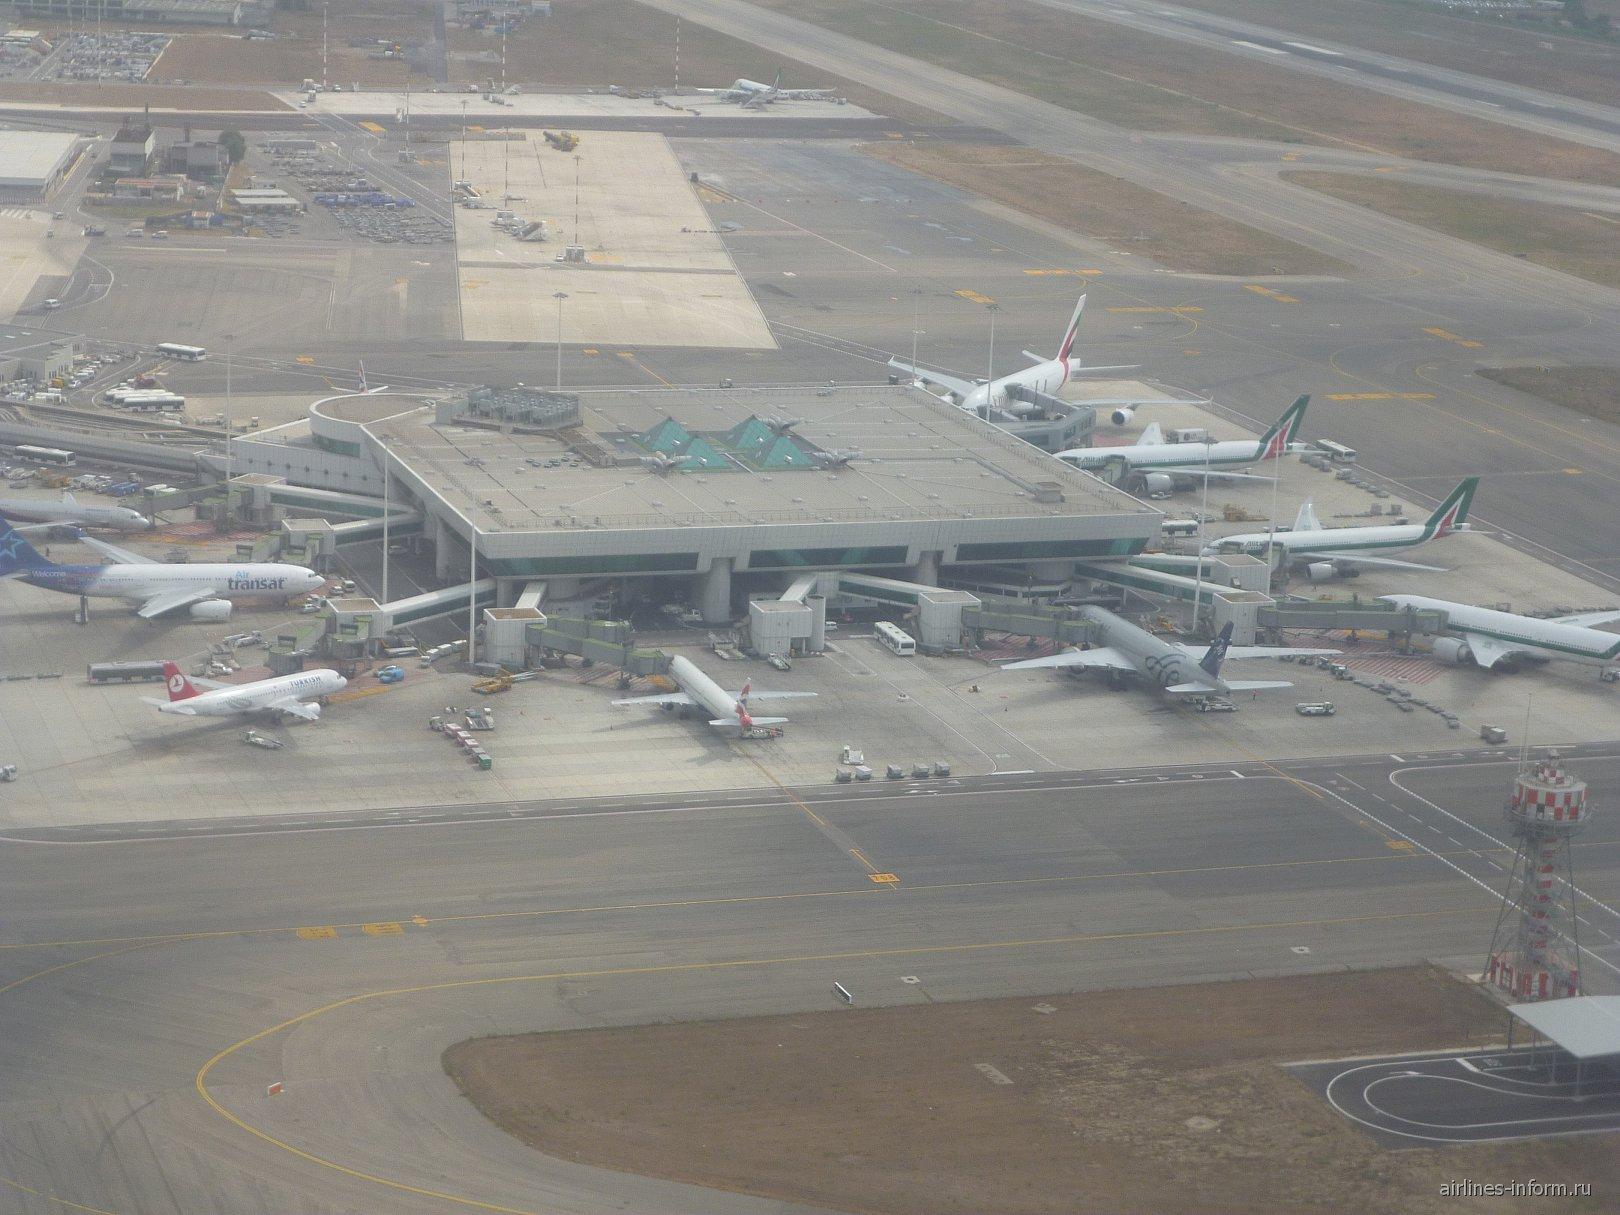 Сателлит-терминал А аэропорта Рим Фьюмичино